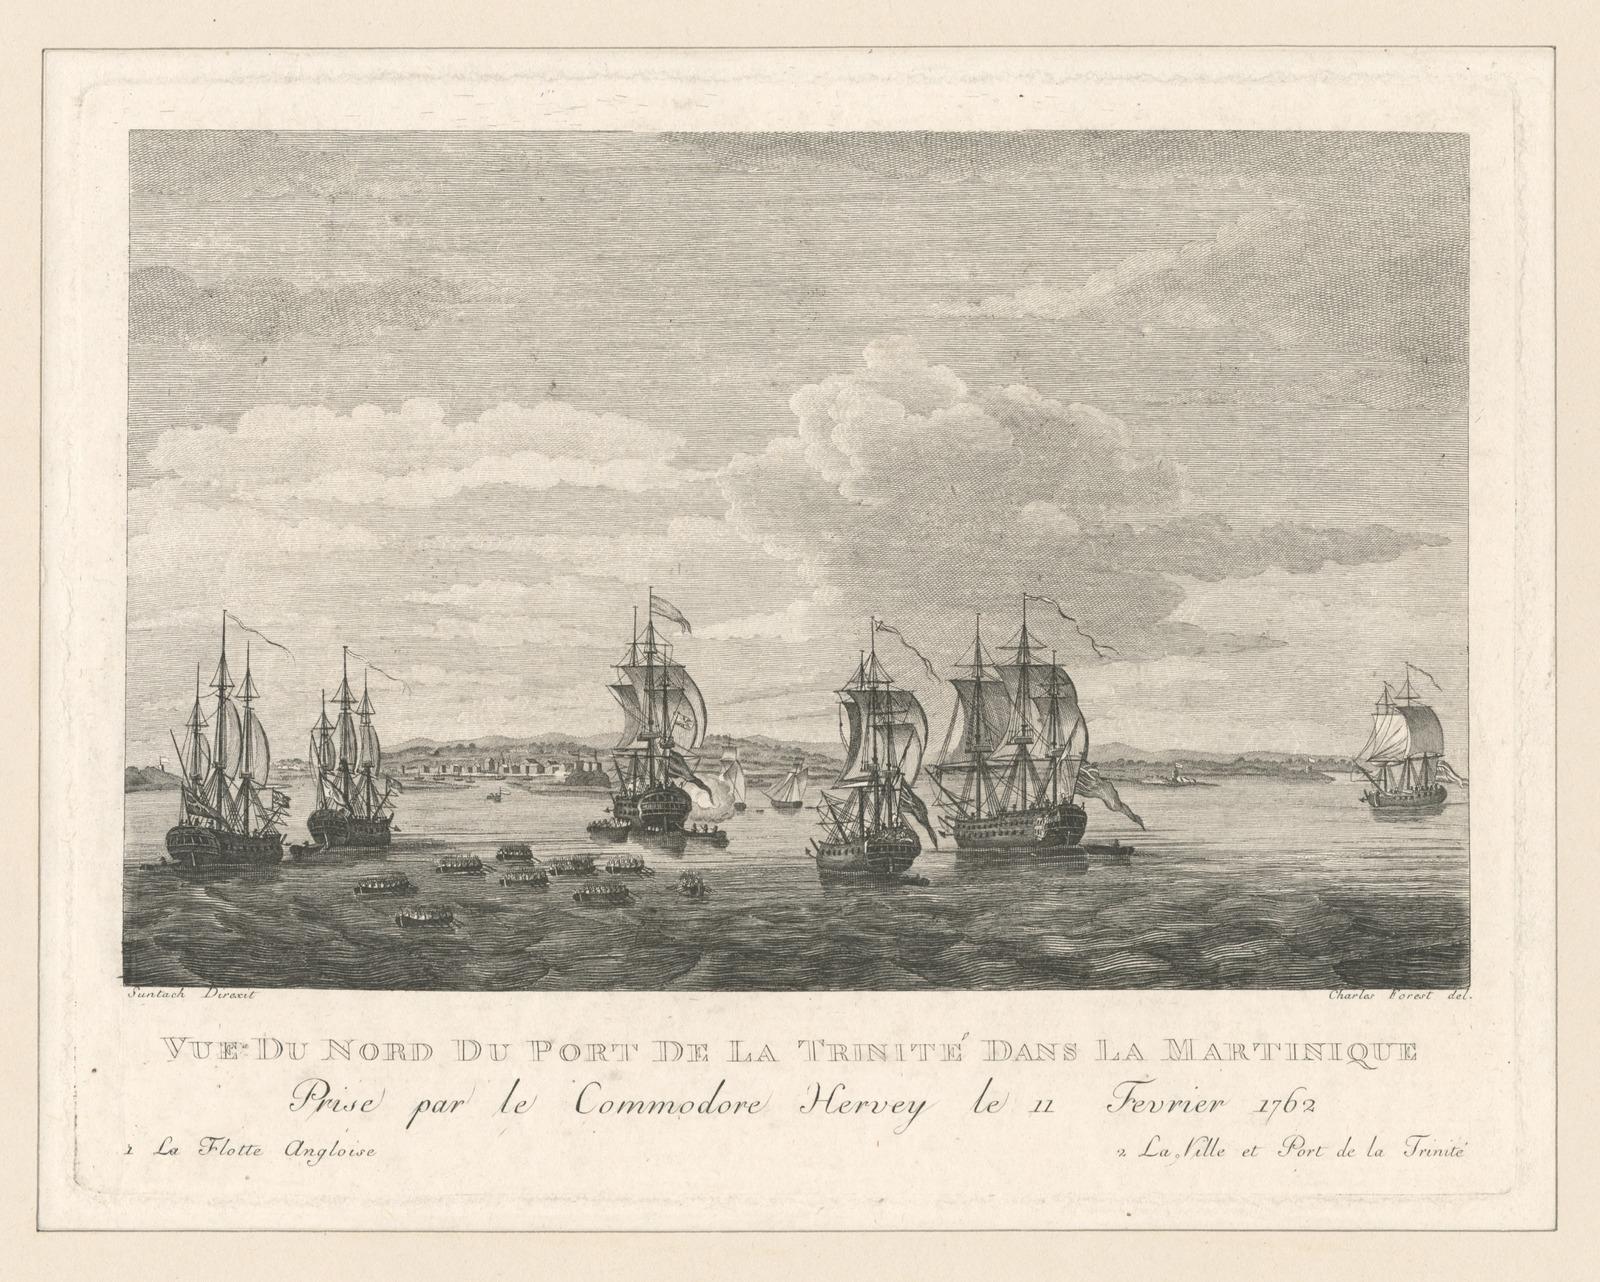 Vue du nord du port de la Trinite dans la Martinique